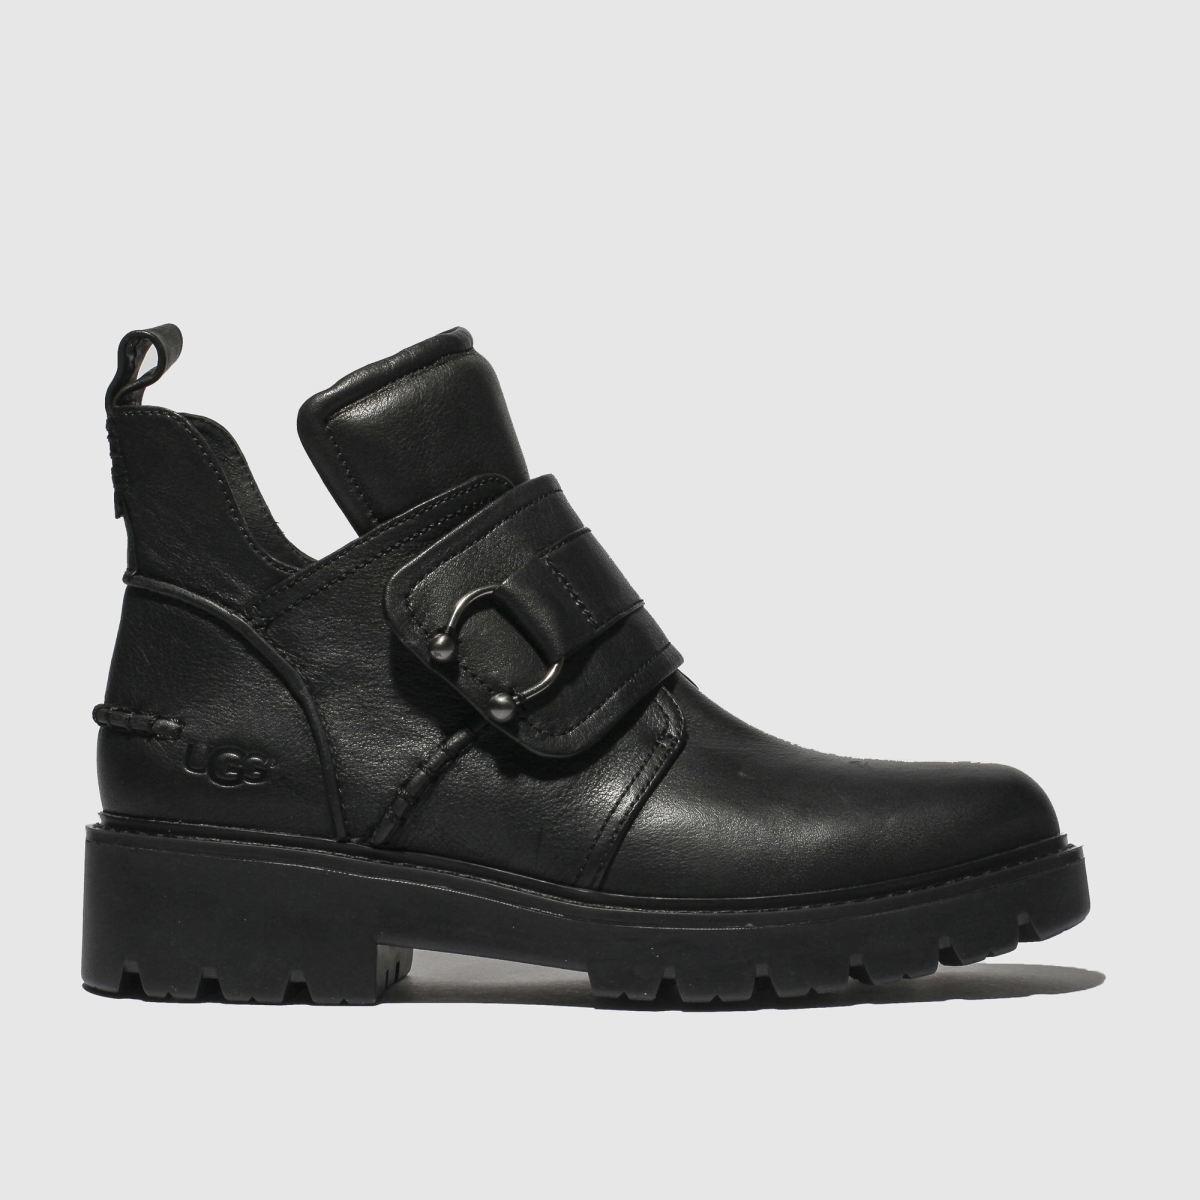 Ugg Black Mitcham Boots